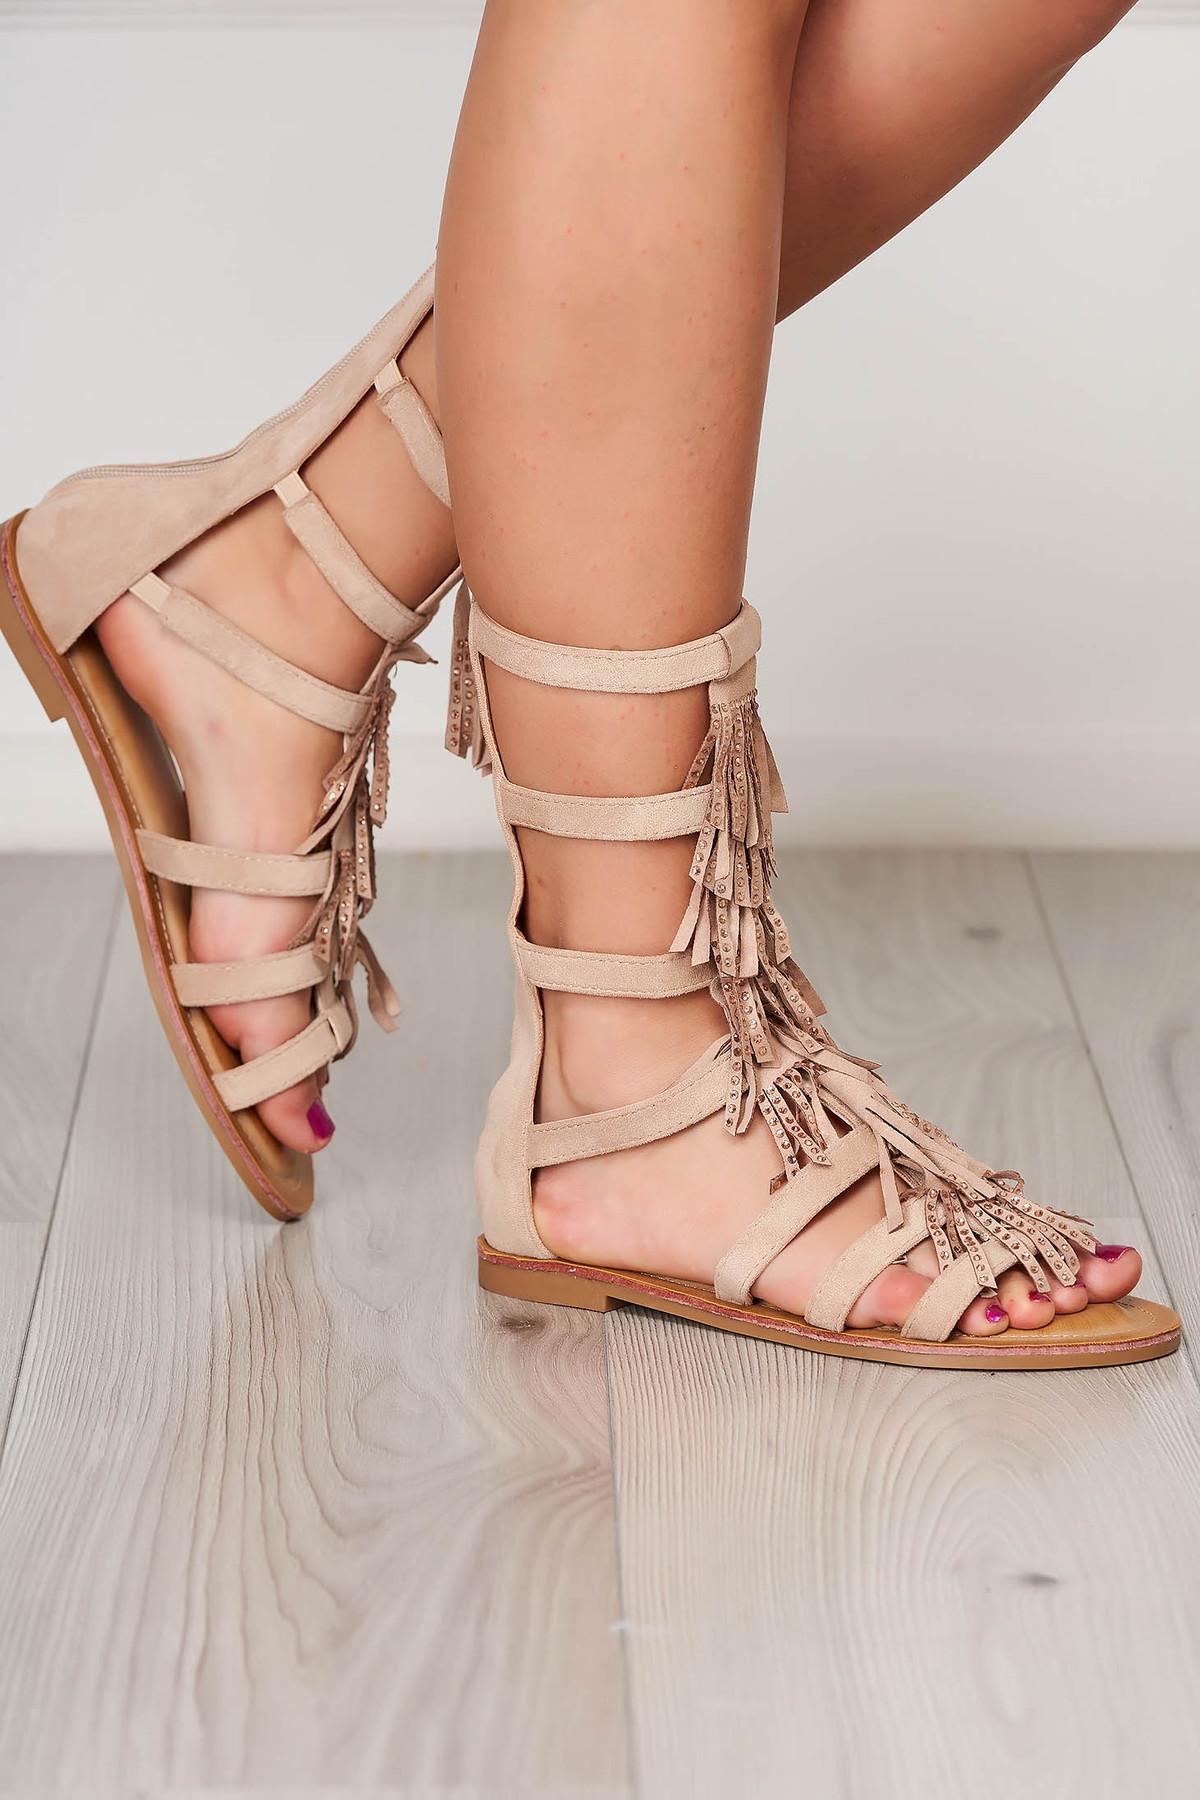 Sandale crem casual cu talpa joasa si ciucuri imagine